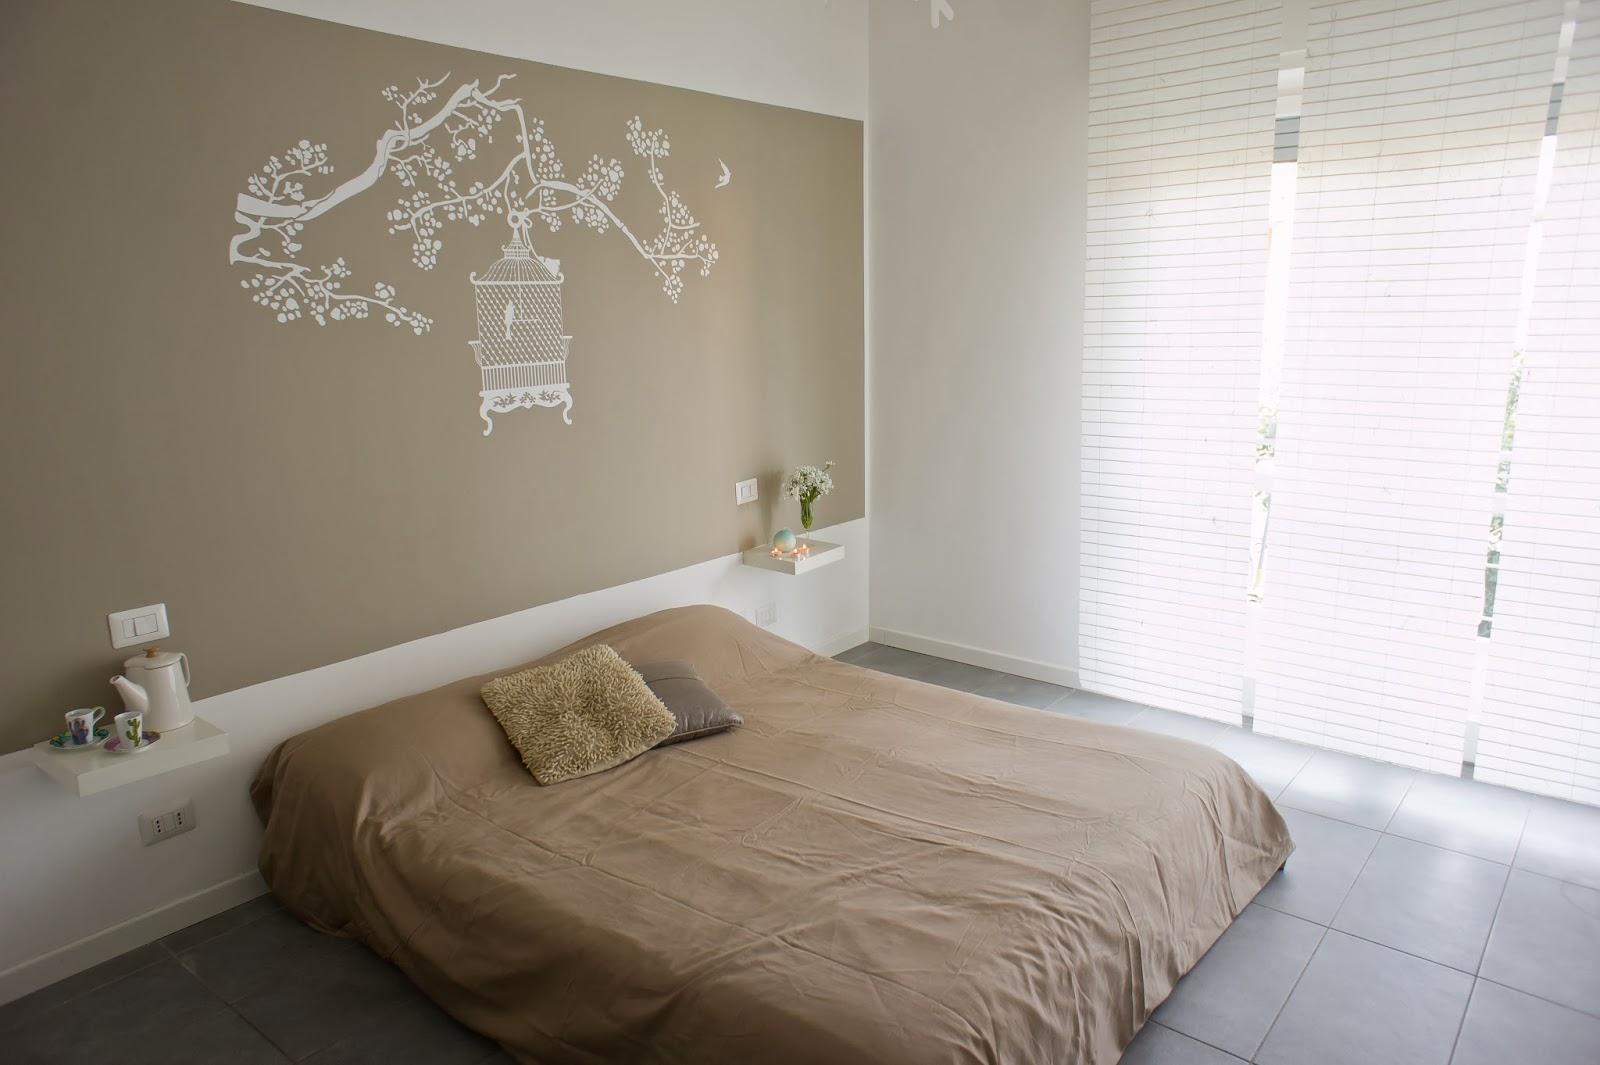 Ea ristruttura appartamento ristrutturato da noi camera - Testata letto cartongesso ...